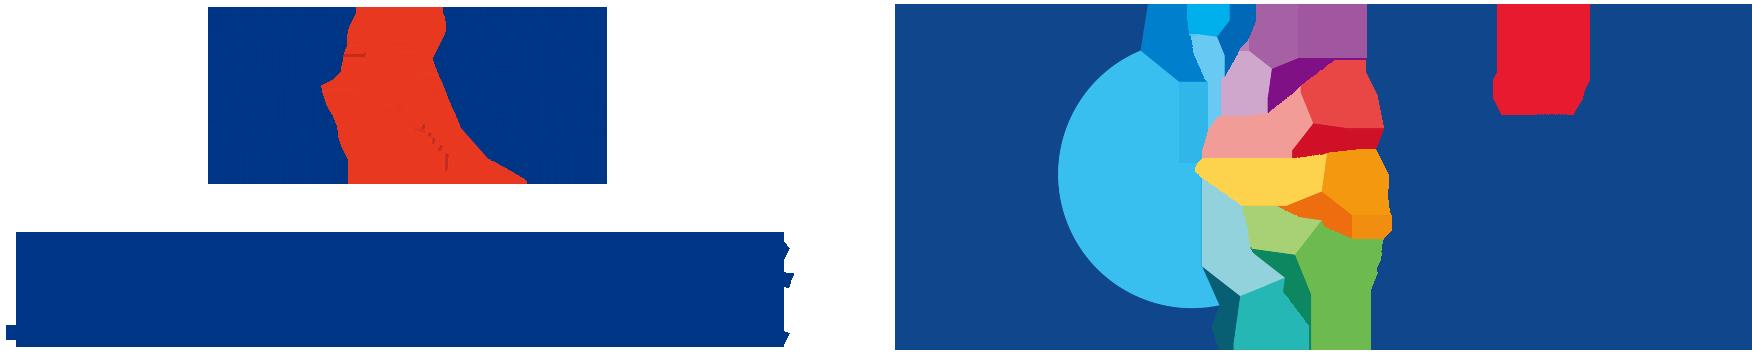 上海雷竞技推广码类似雷竞技这种靠谱的